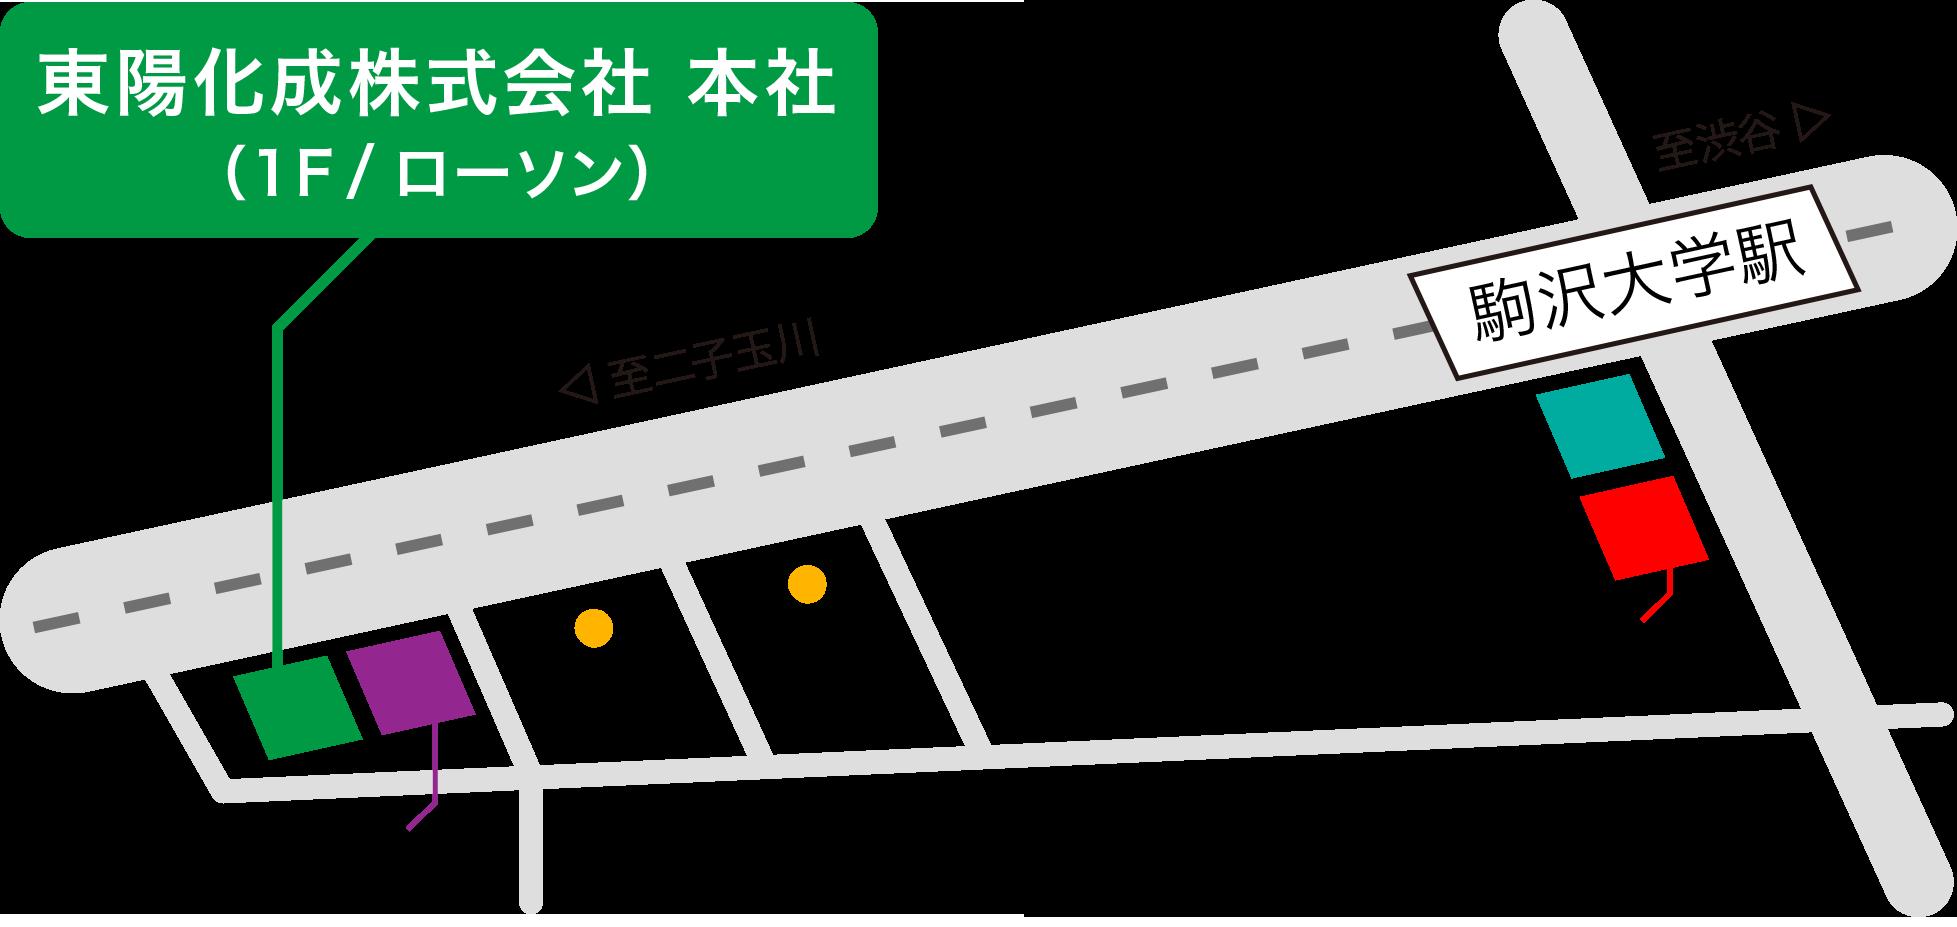 東陽化成株式会社地図